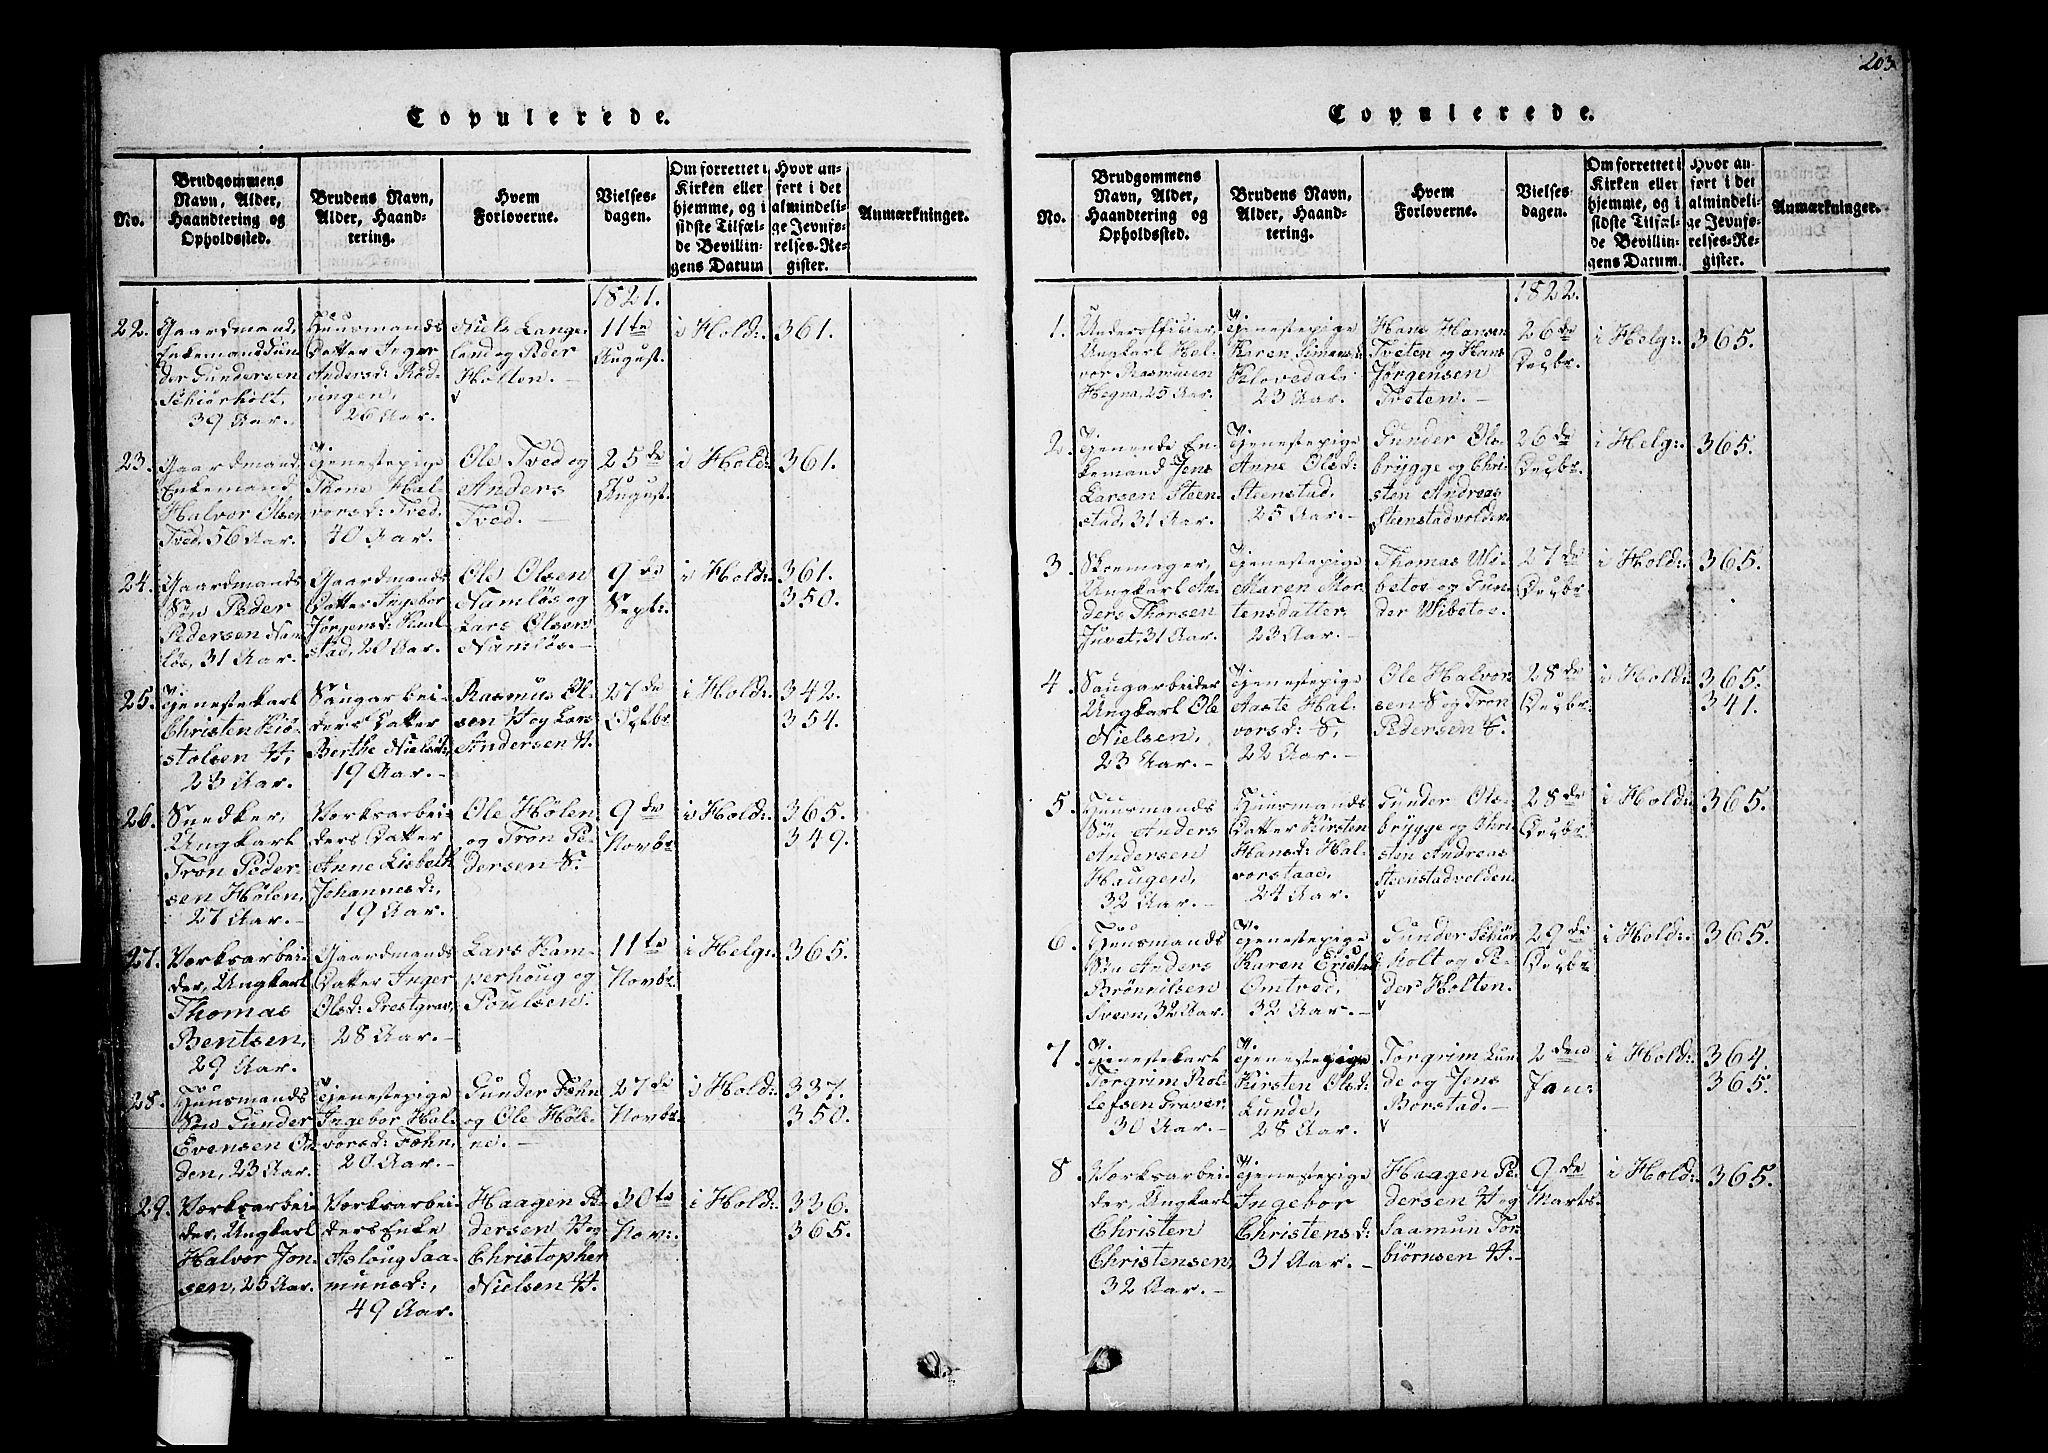 SAKO, Holla kirkebøker, G/Ga/L0001: Klokkerbok nr. I 1, 1814-1830, s. 203